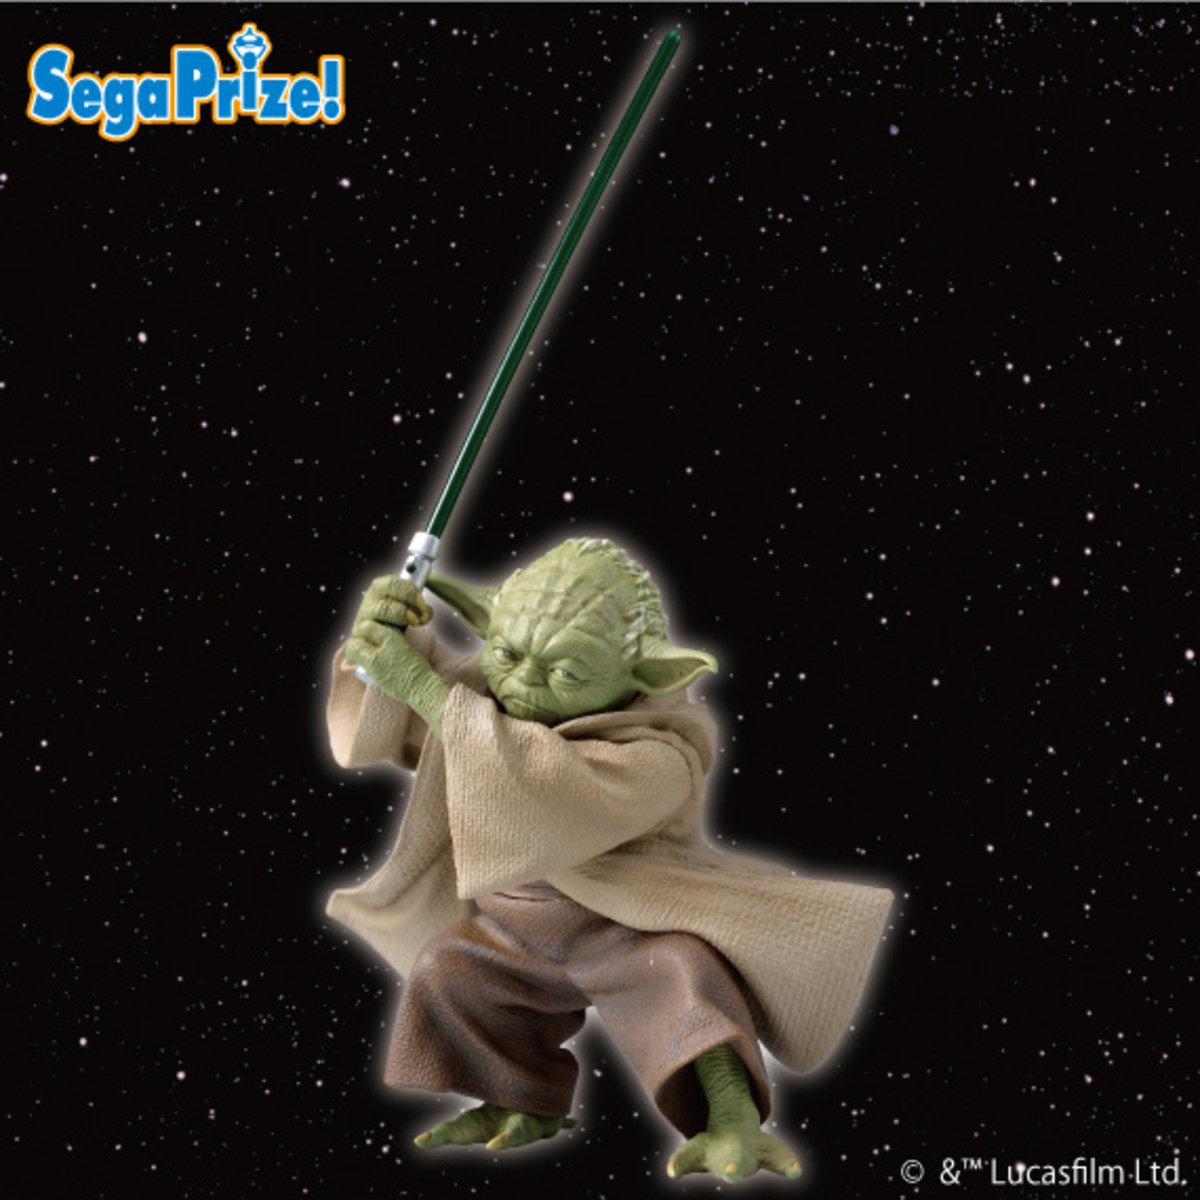 景品 Star War 星球大戰 1/10  Premium Figure Yoda   尤達大師